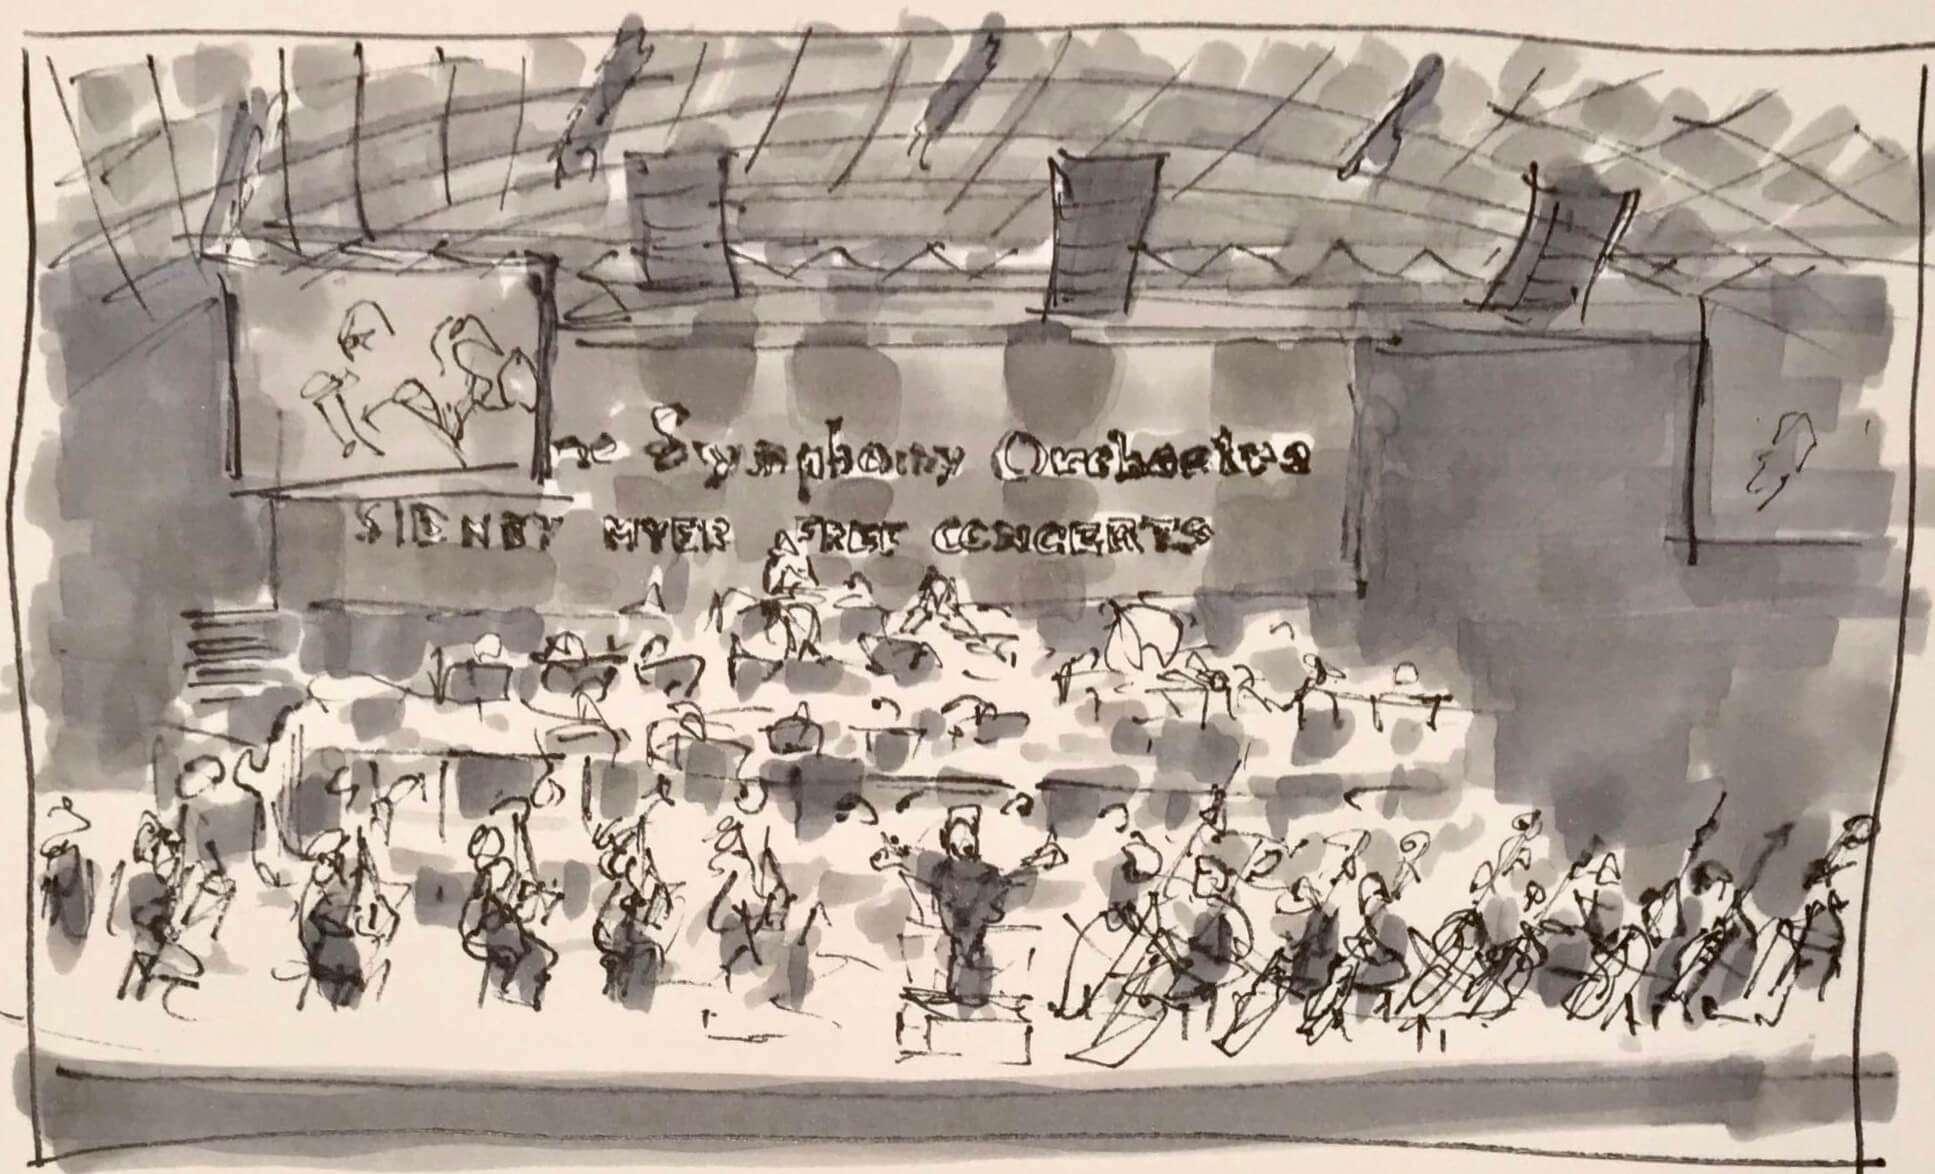 myerbowl concert